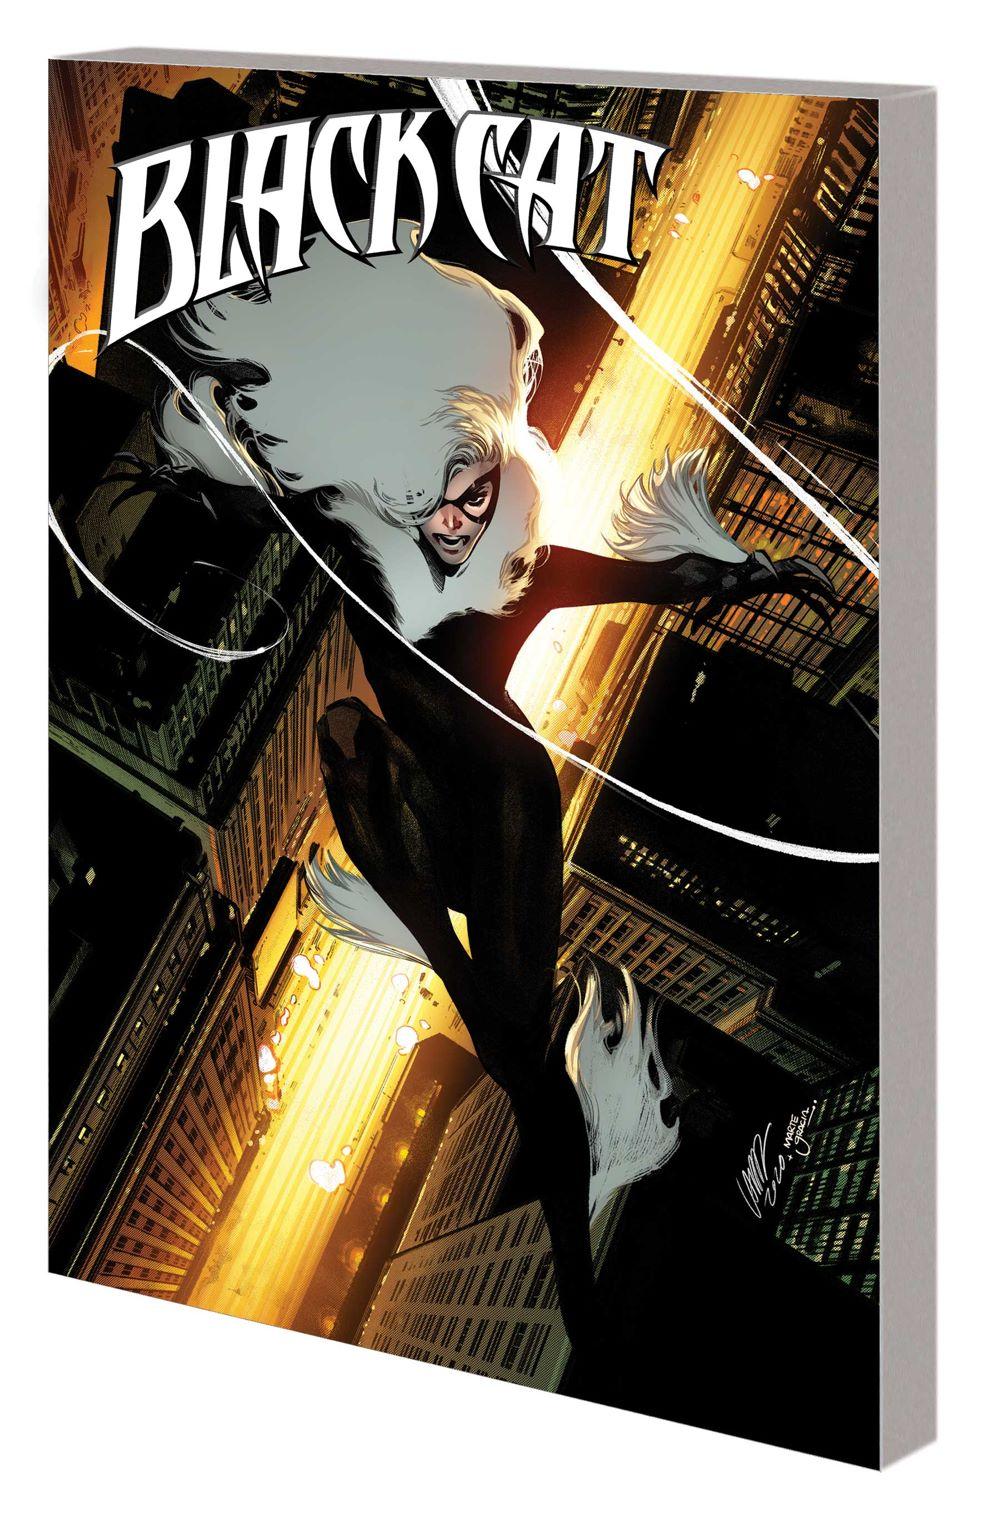 BLACKCAT_VOL_5_TPB Marvel Comics August 2021 Solicitations